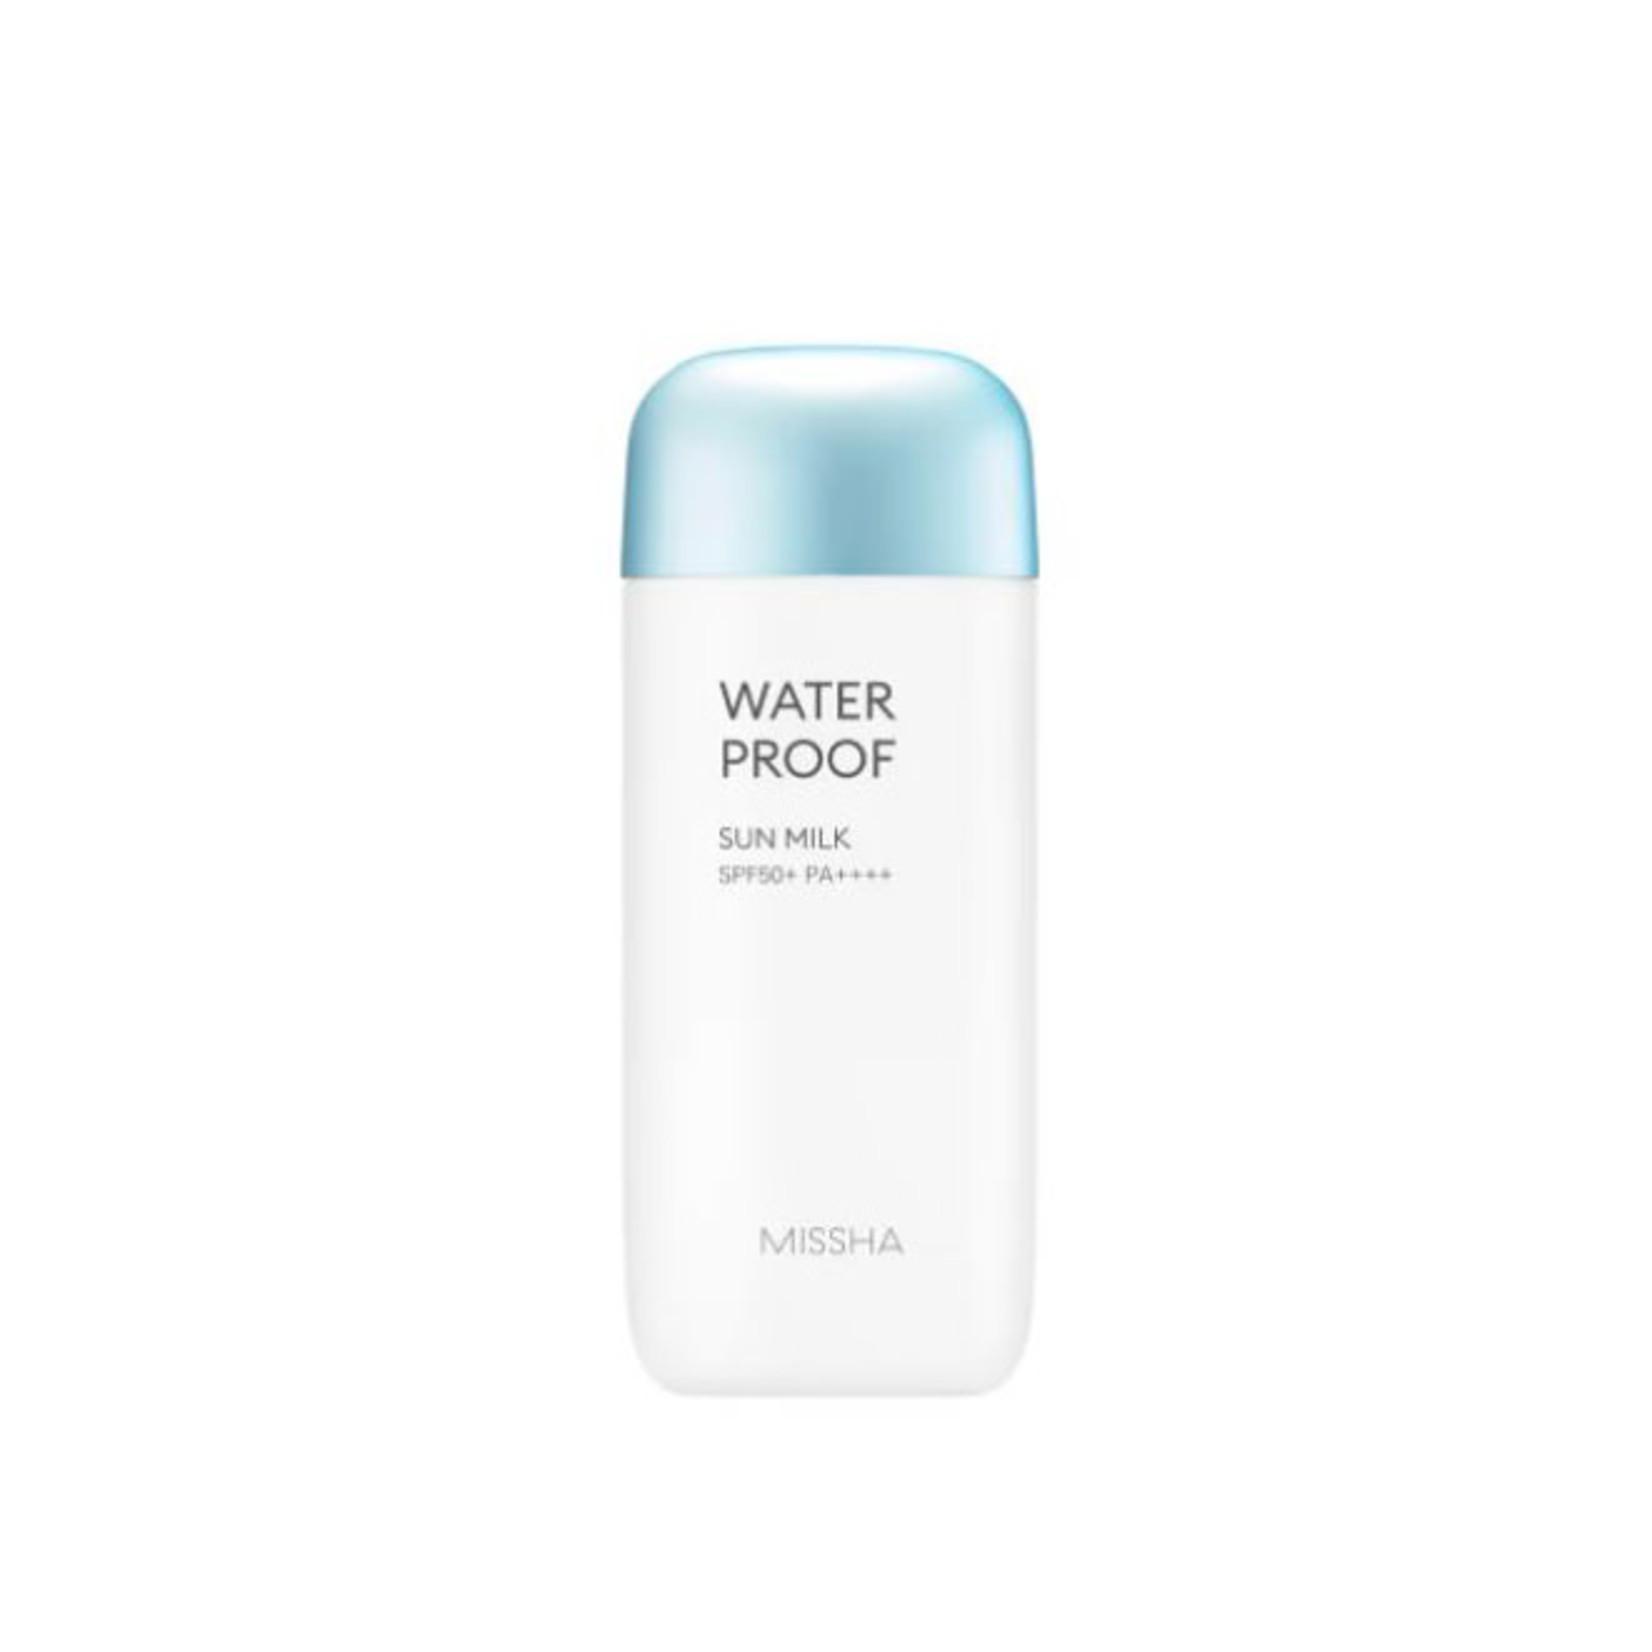 Missha Missha All-Around Waterproof Sun Milk SPF50+ PA+++70ml